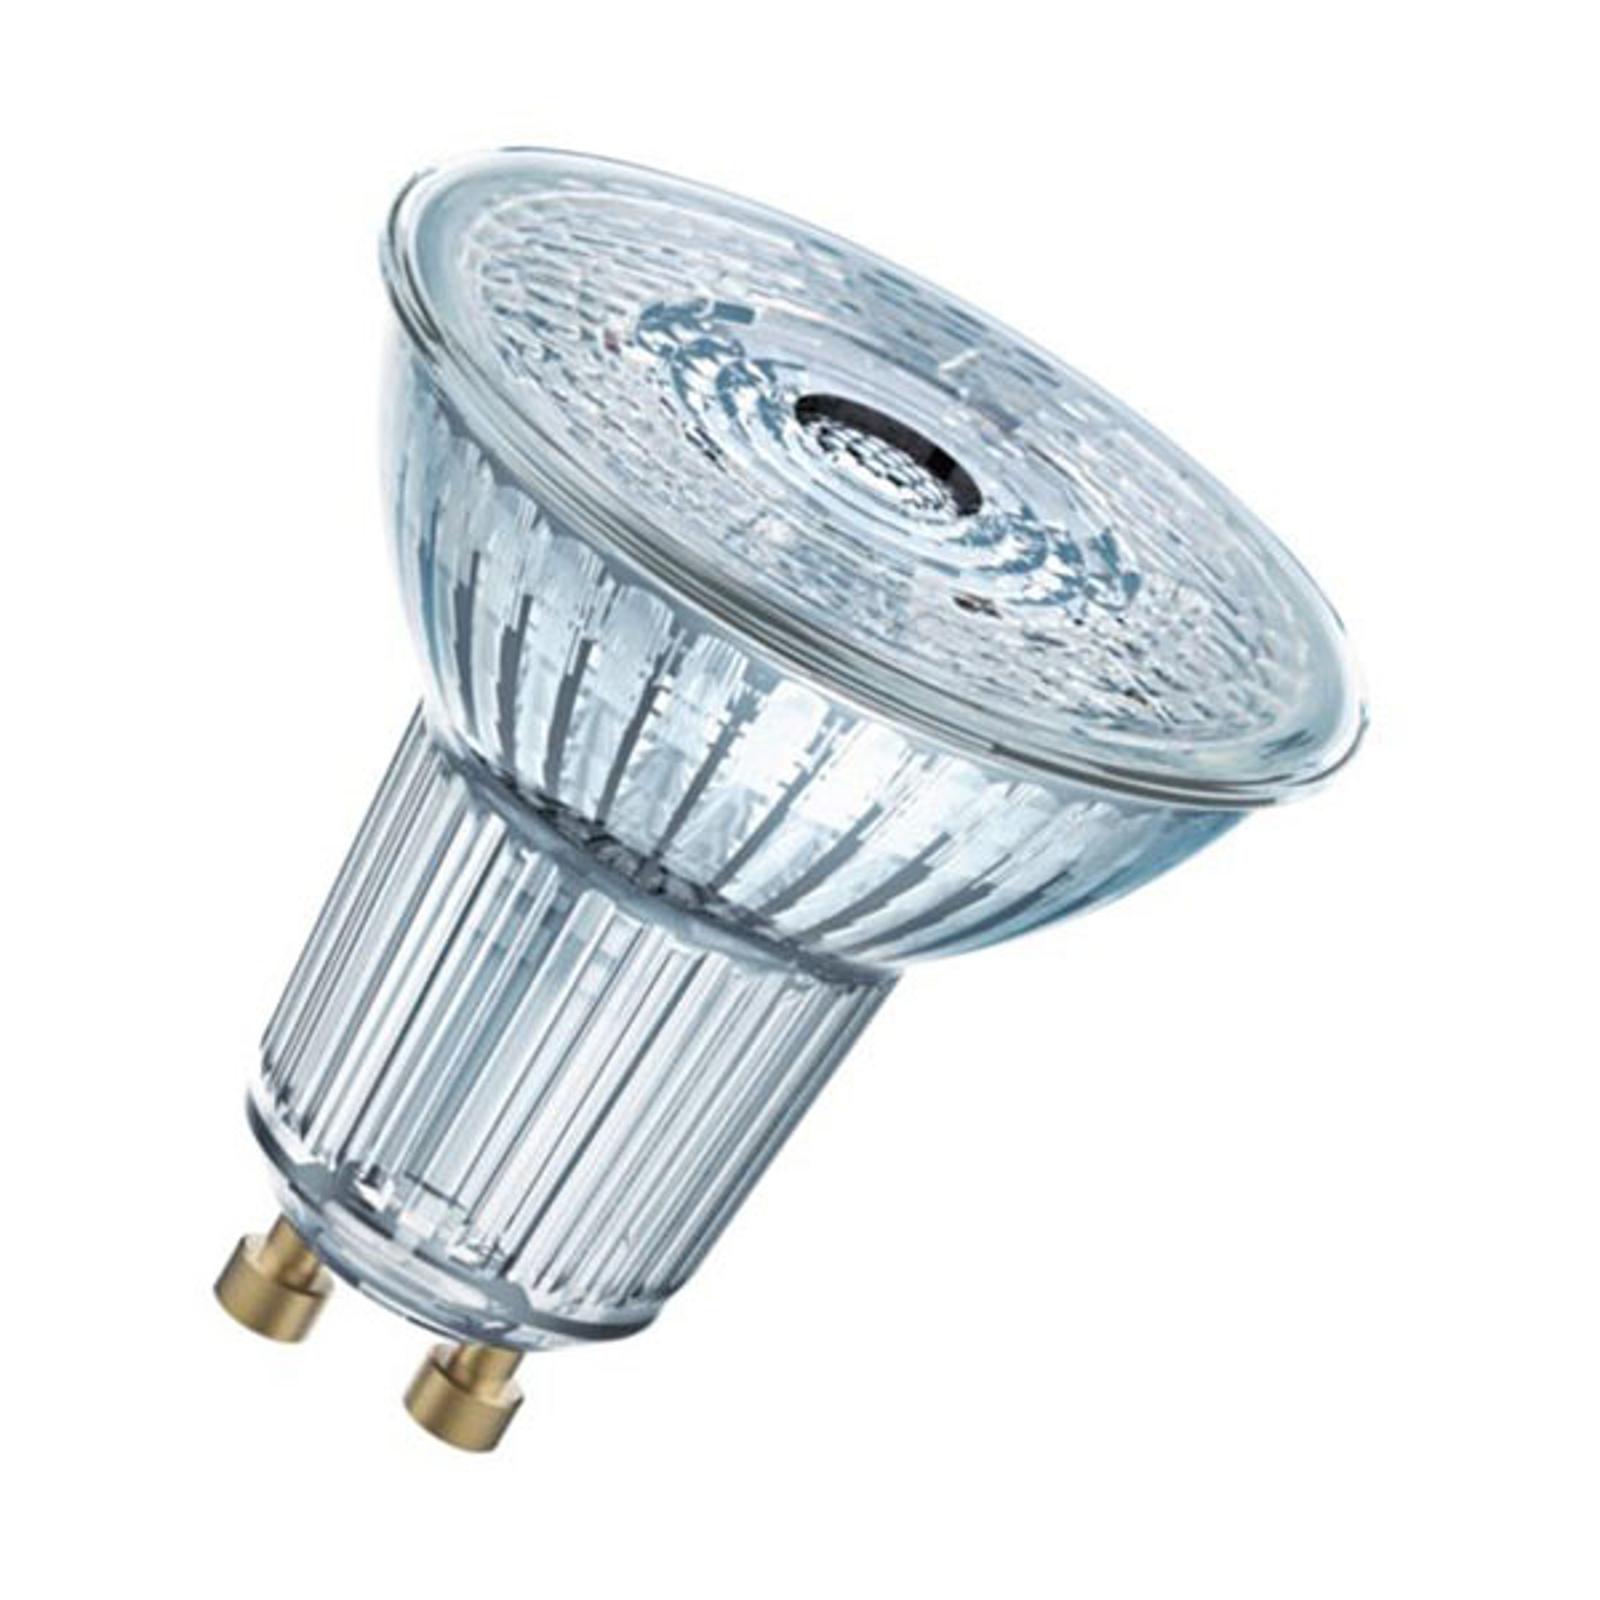 OSRAM LED-Glas-Reflektor GU10 5,5W 927 36° dimmbar